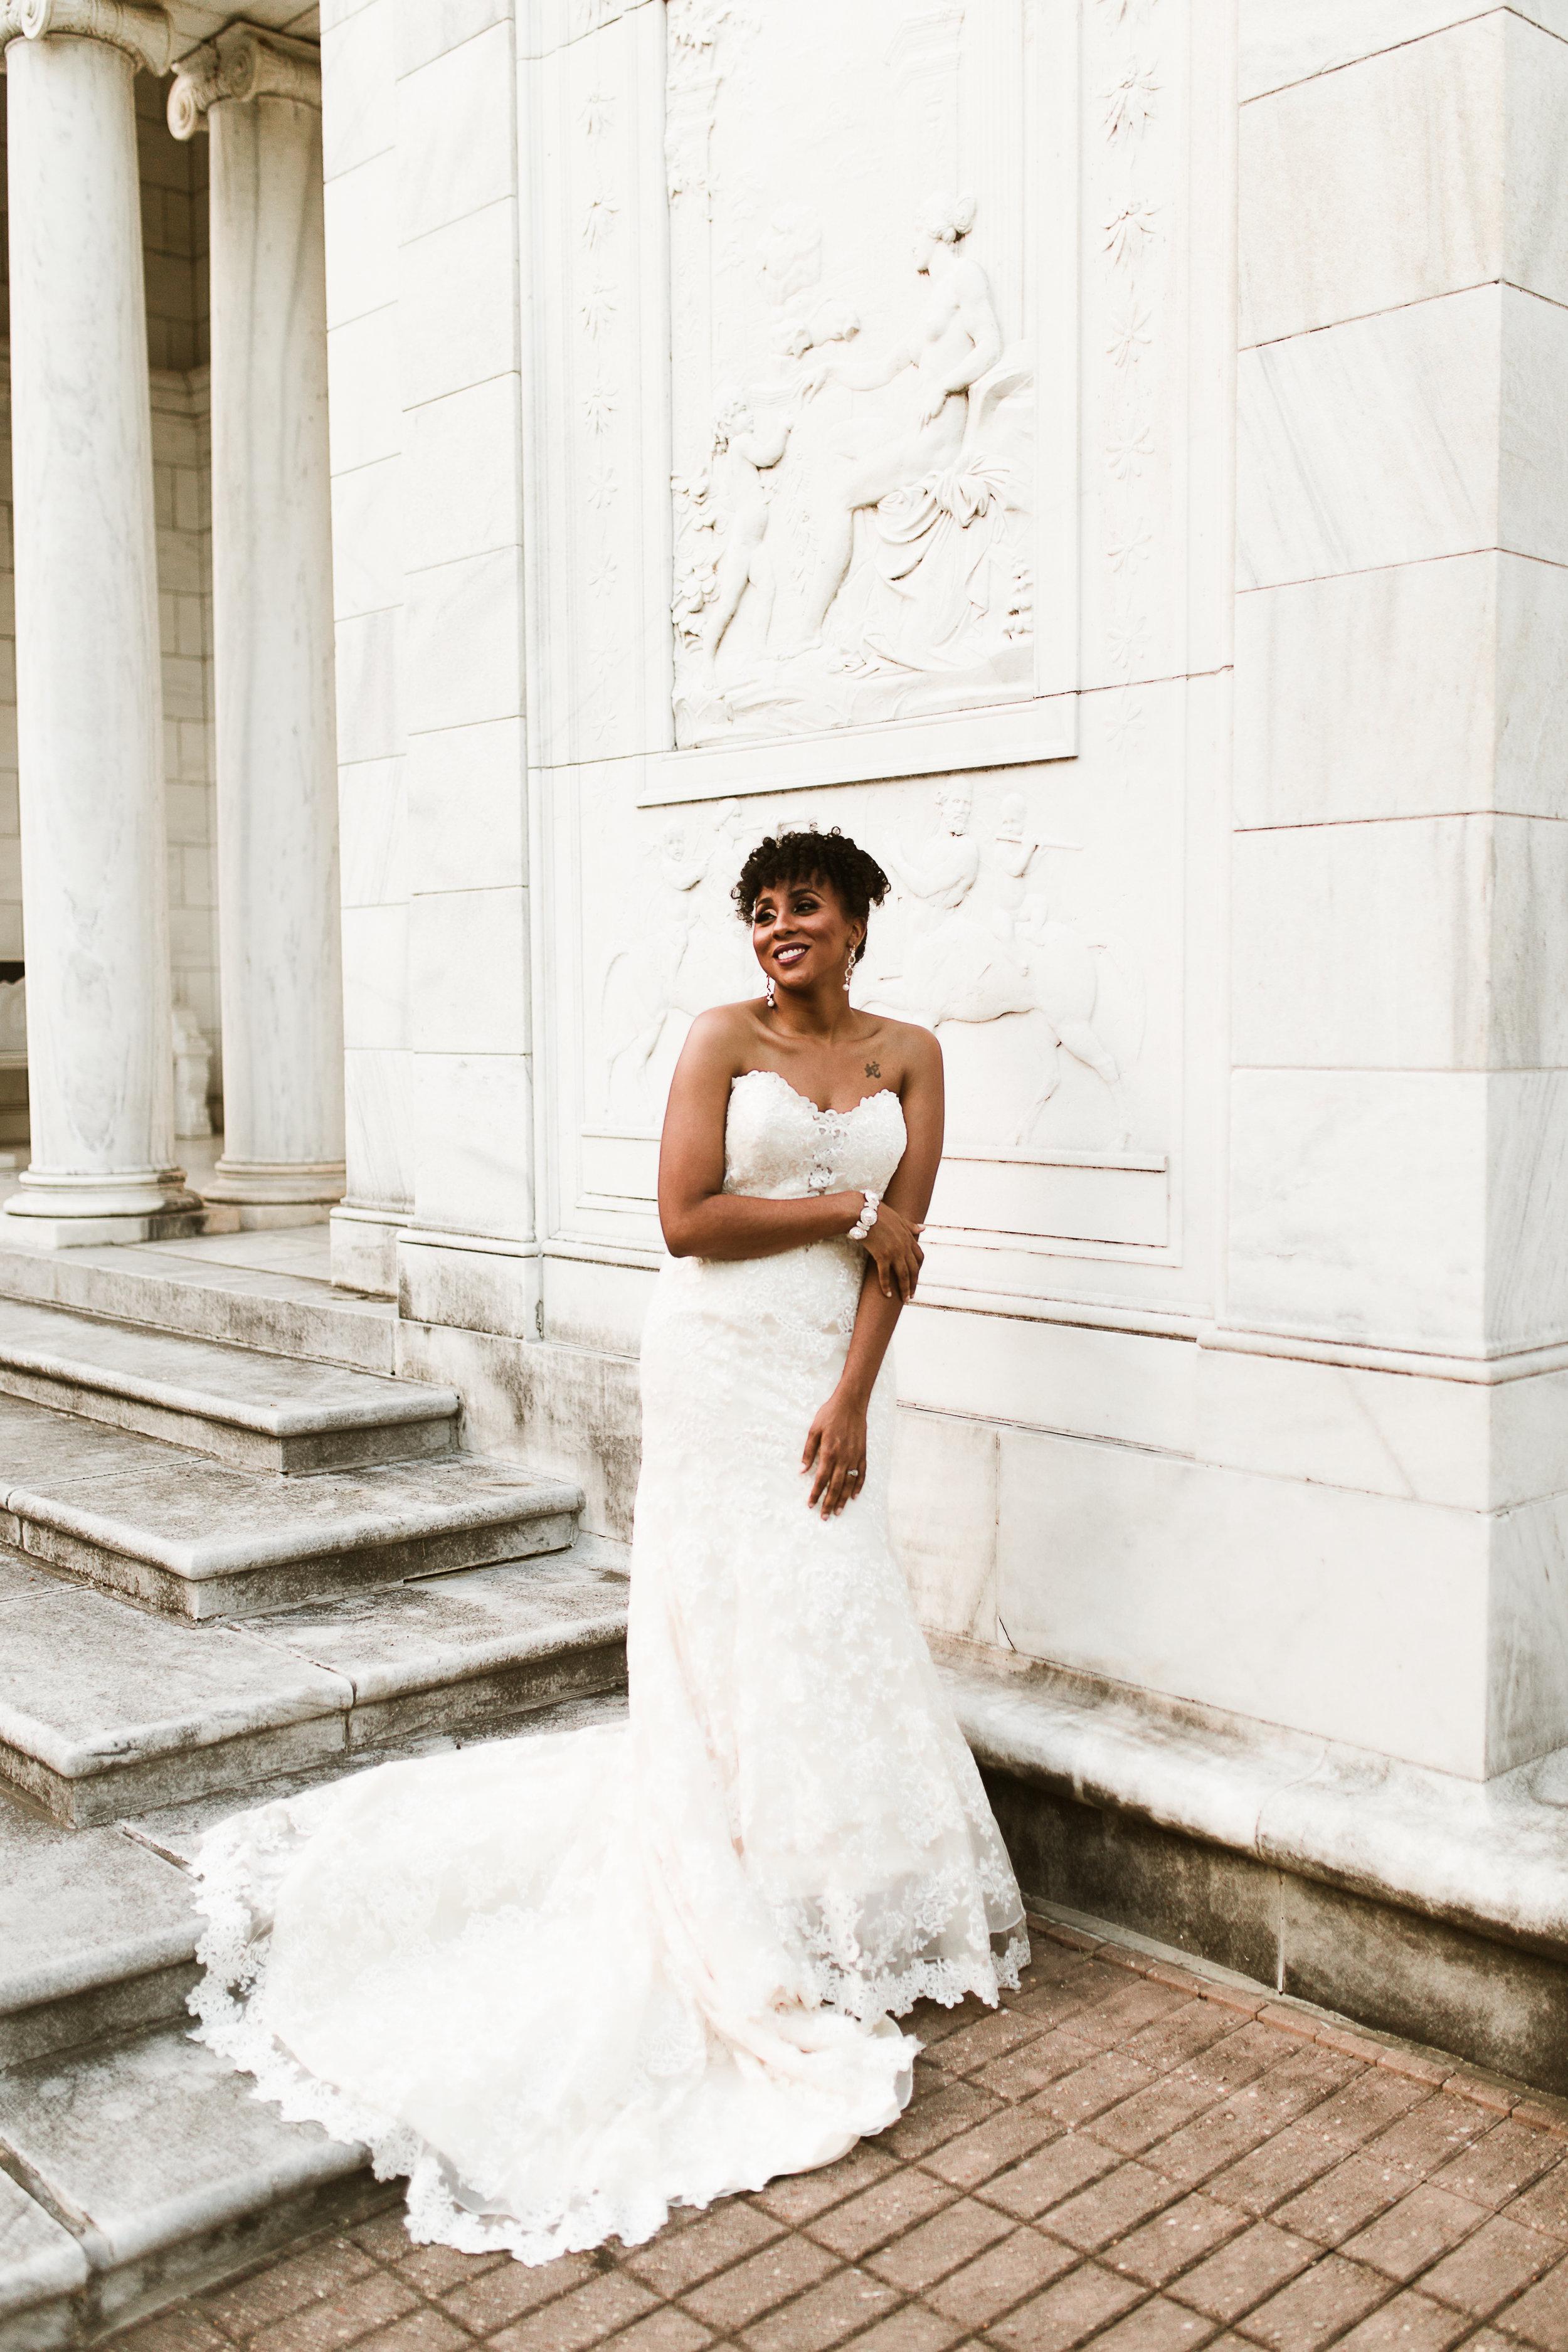 memphis-tennessee-bridal-makeup-artist (5).JPG